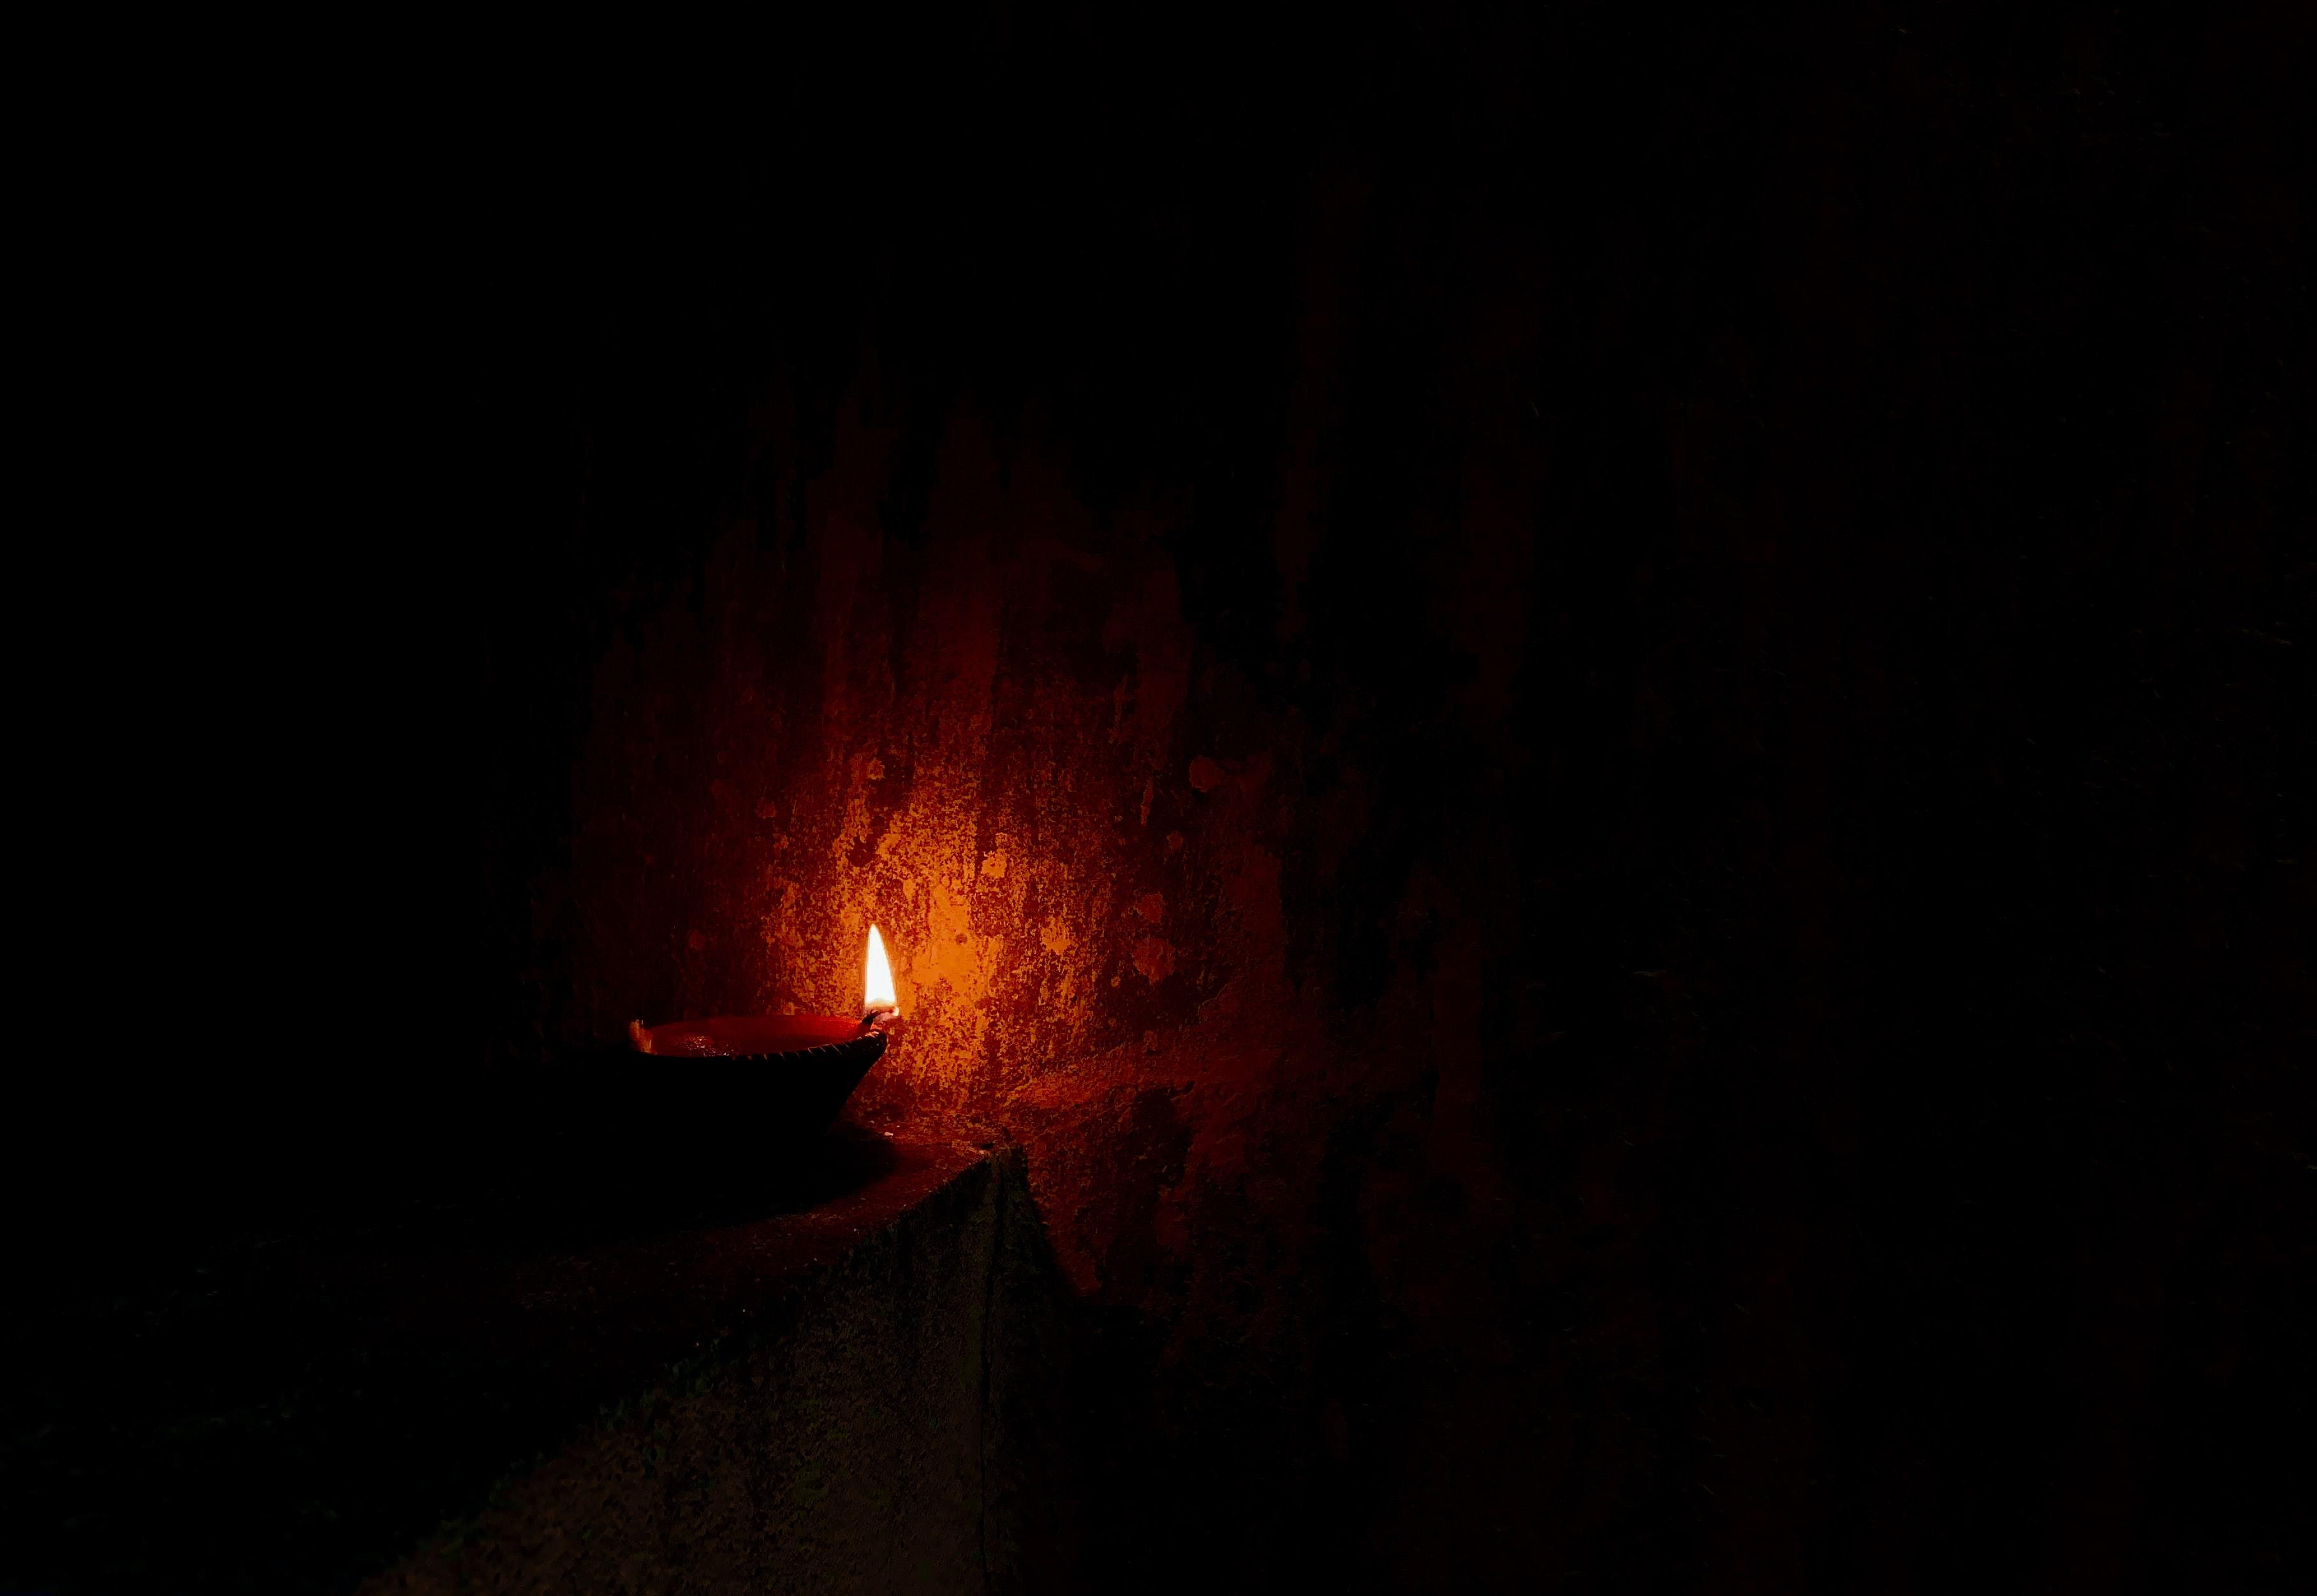 153381 免費下載壁紙 黑暗的, 黑暗, 蜡烛, 火, 闪耀, 光 屏保和圖片